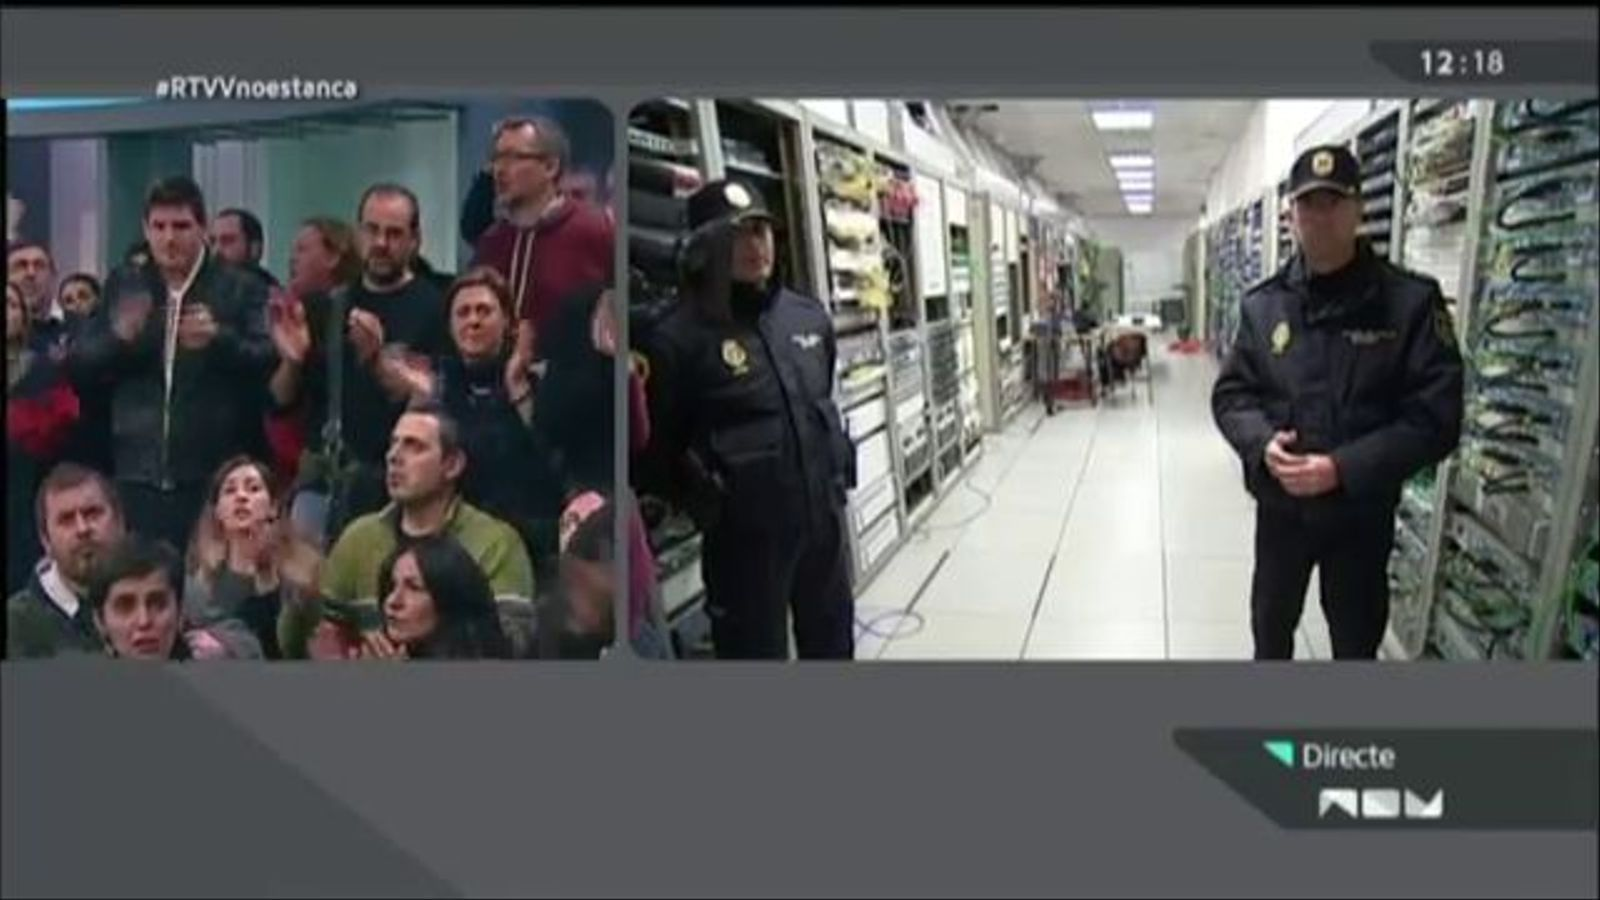 Últim minut de vida de Canal 9: un tècnic escortat per la policia apaga la televisió pública valenciana